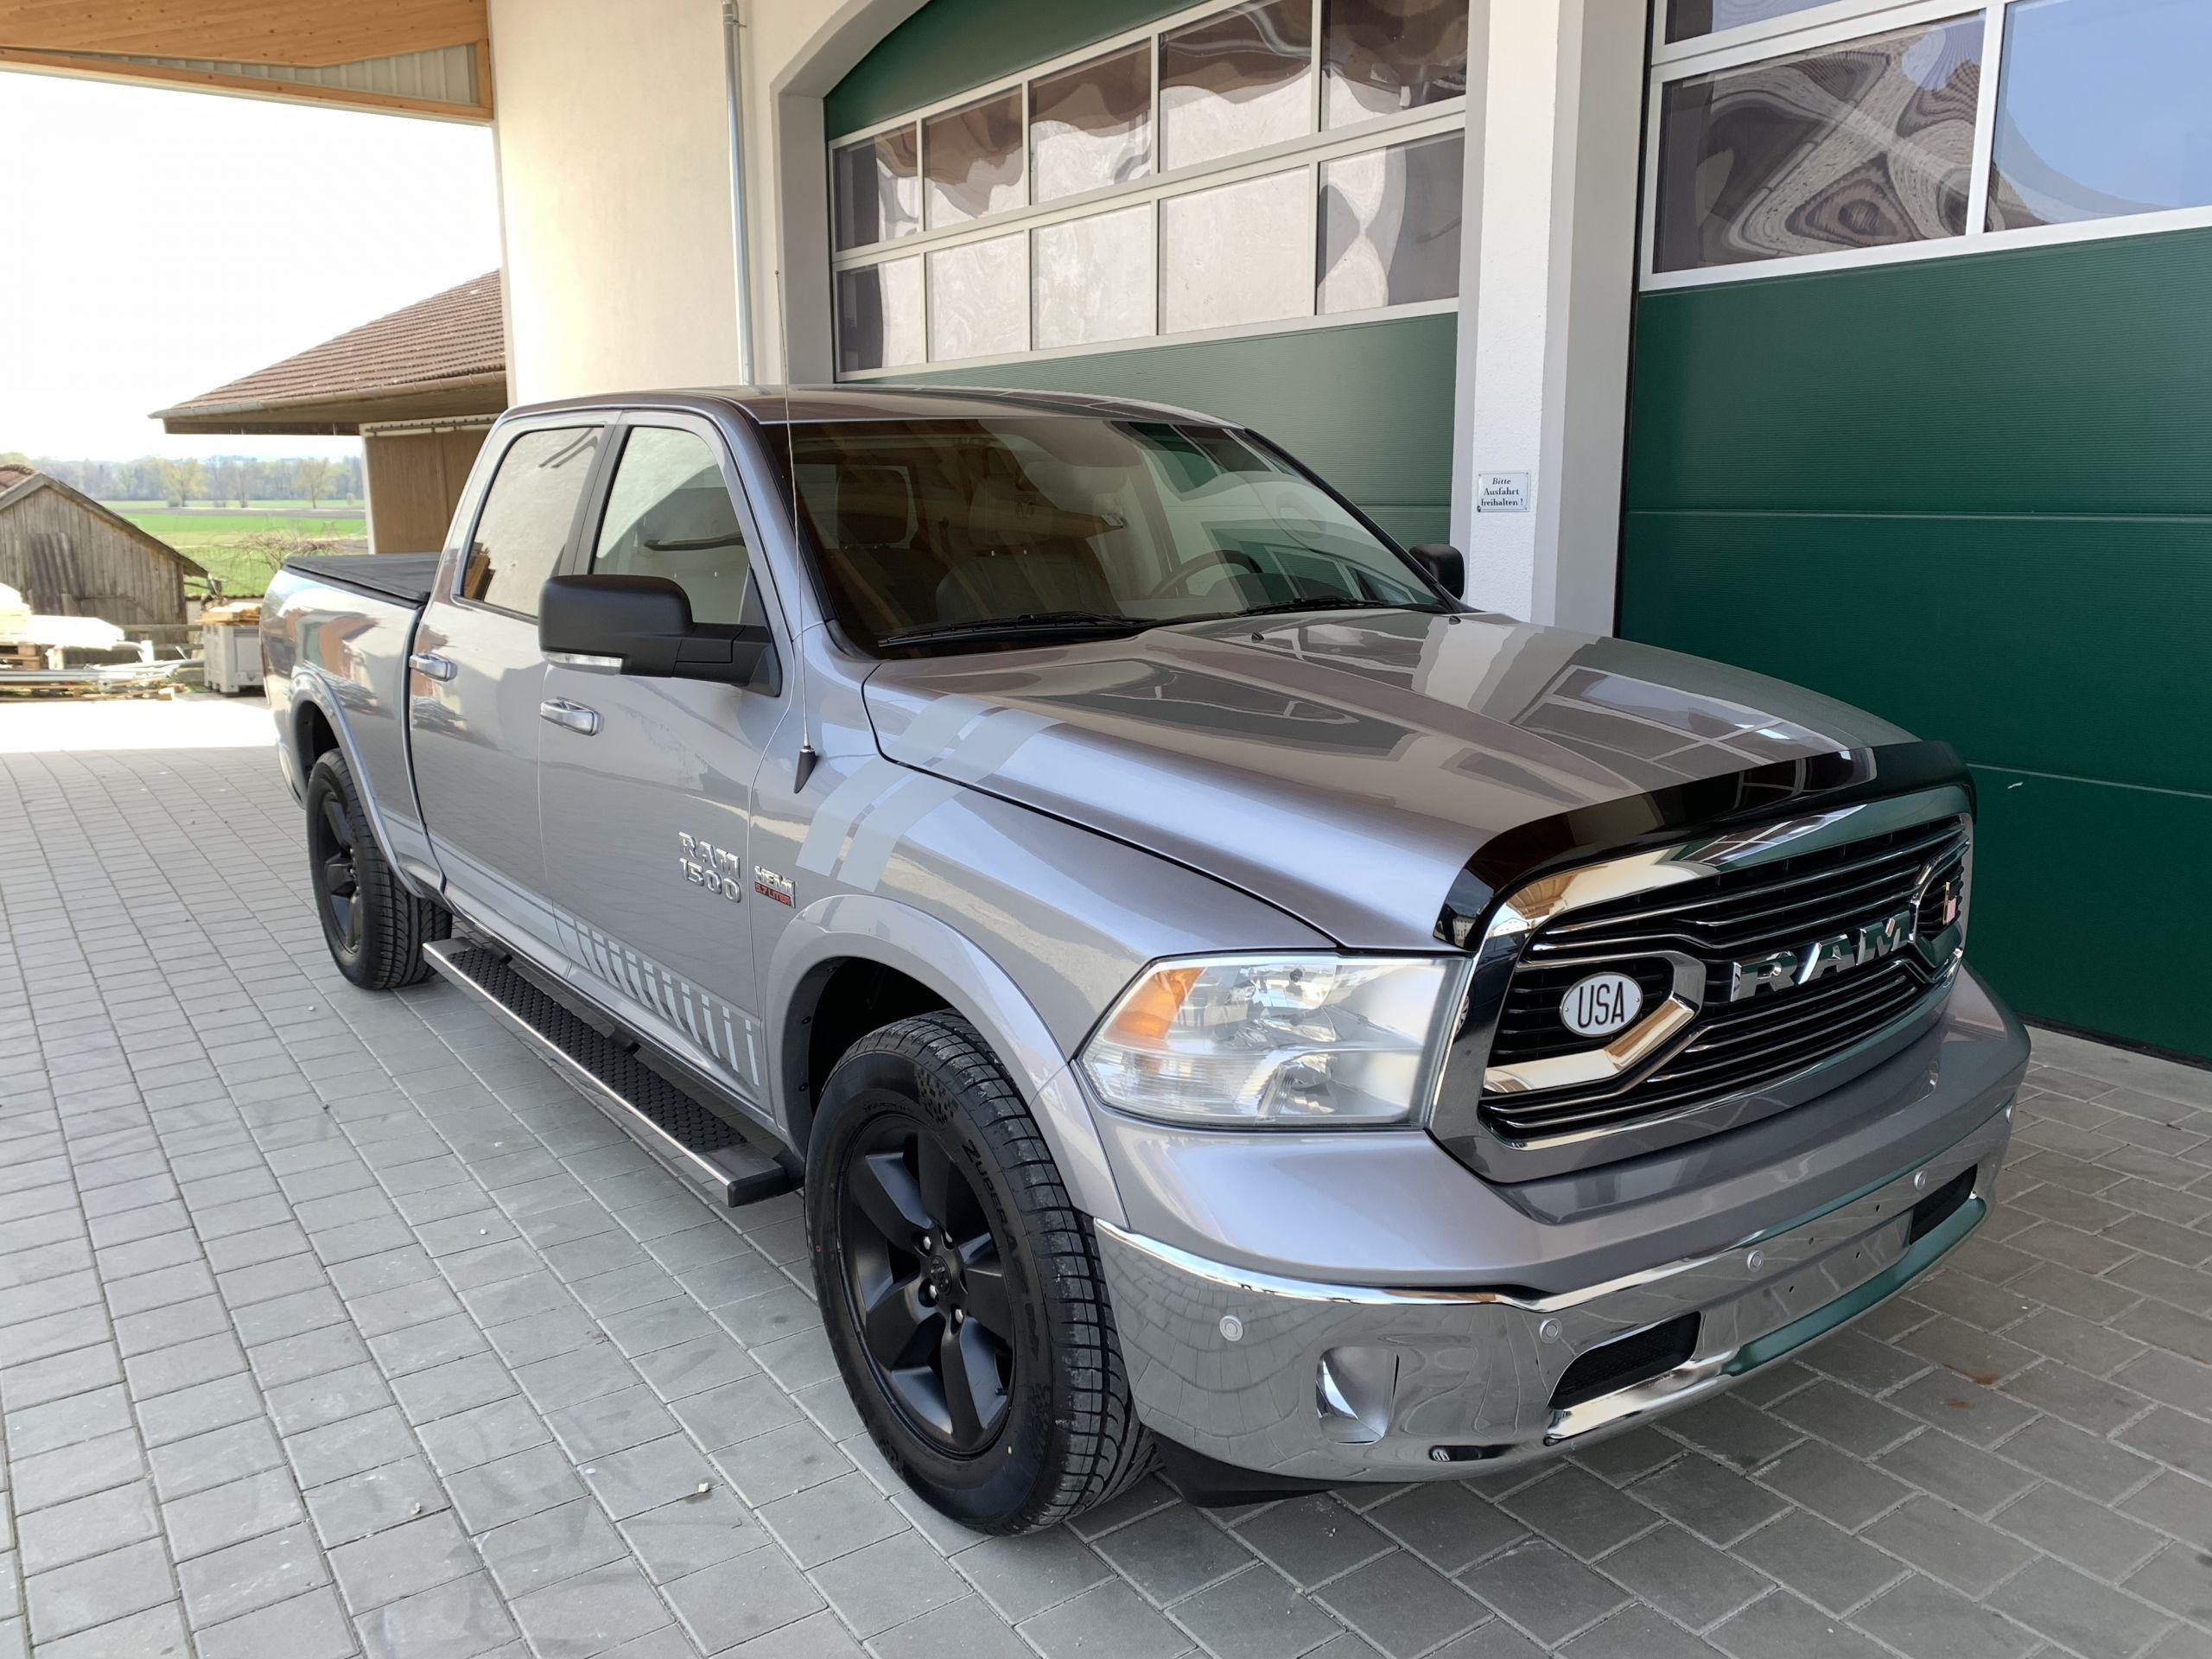 2019 Dodge Ram SLT 1500 zu Verkaufen